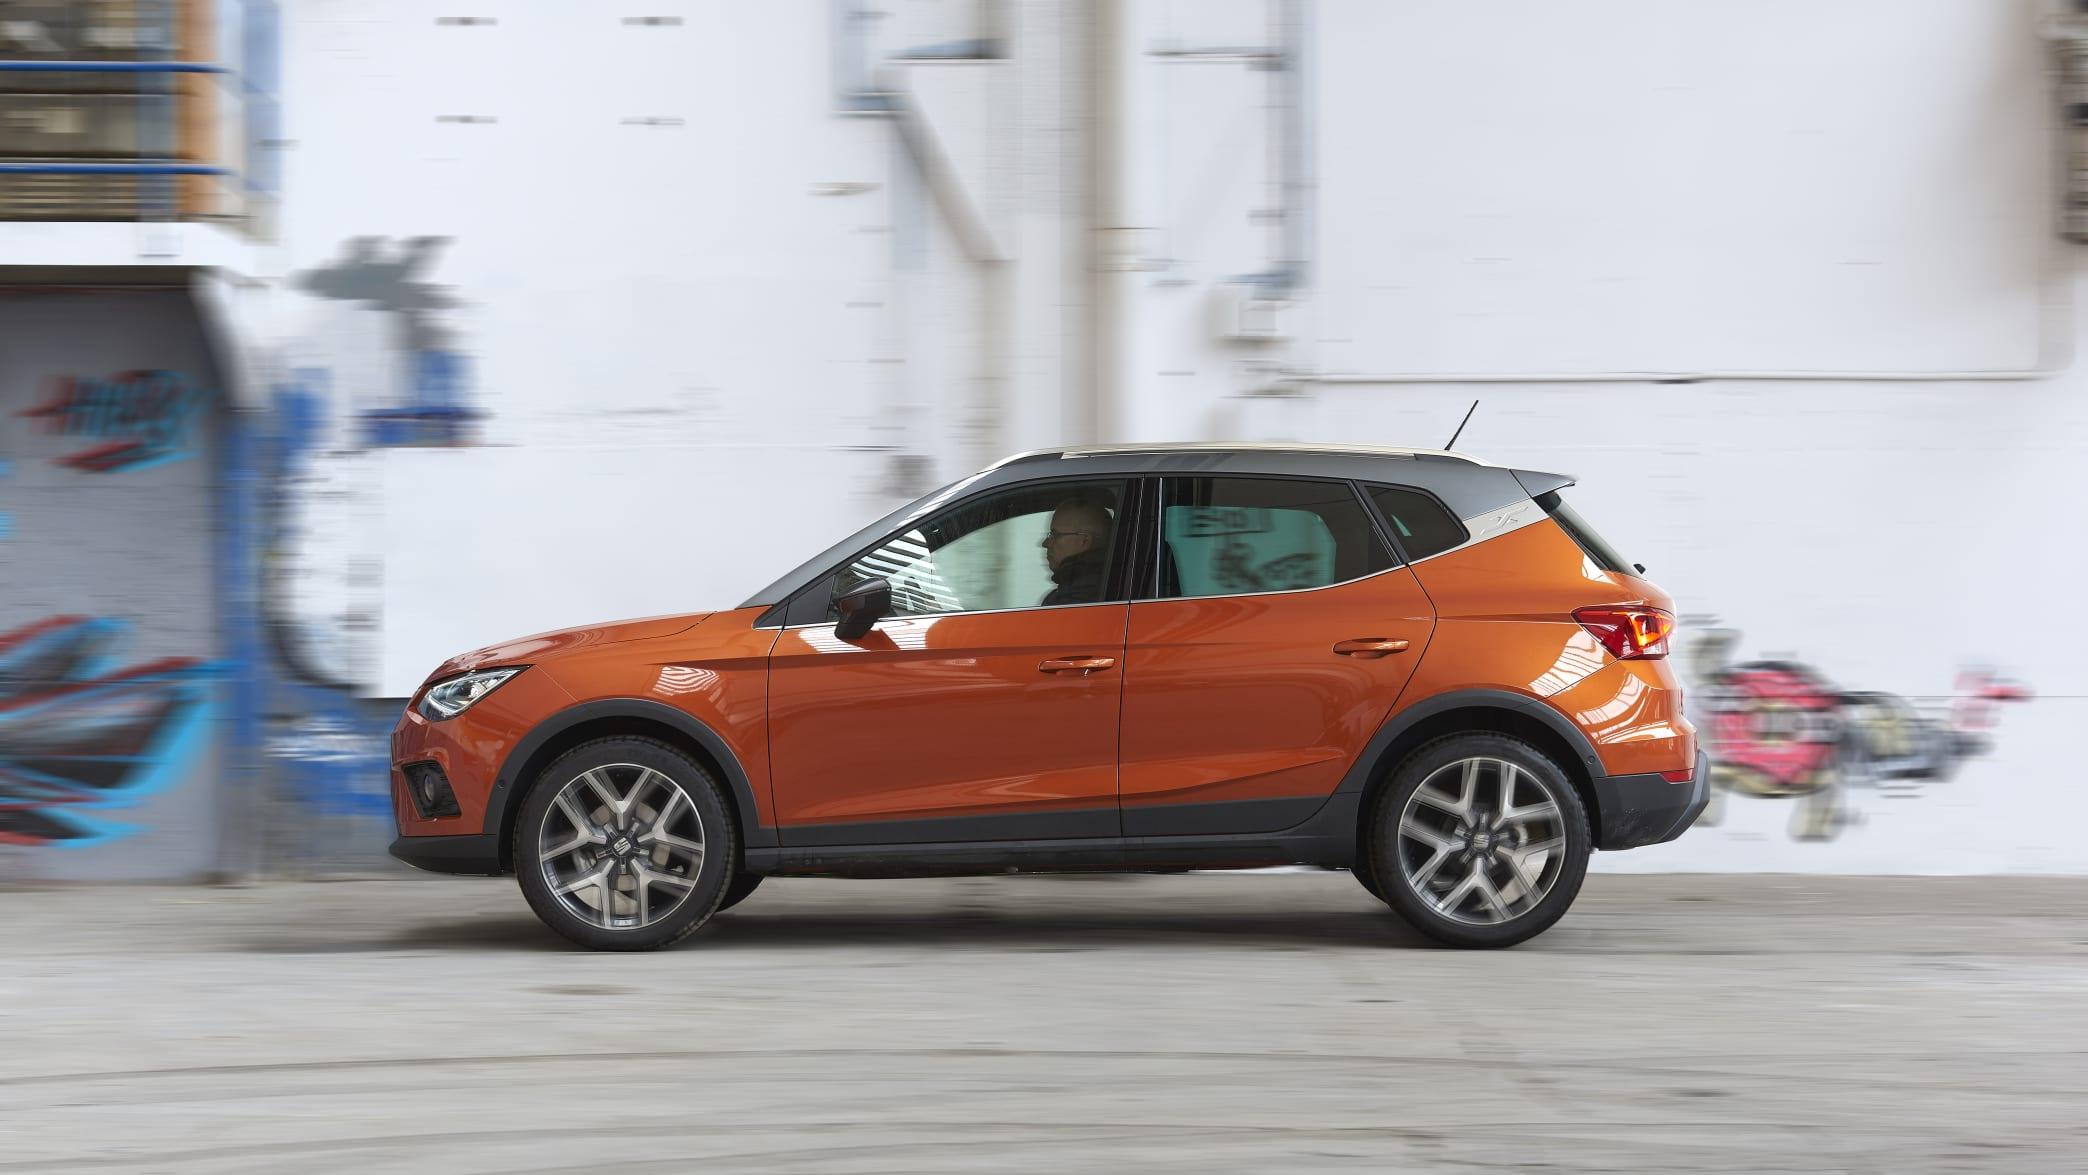 orangener Seat Arona fährt auf einer Strasse